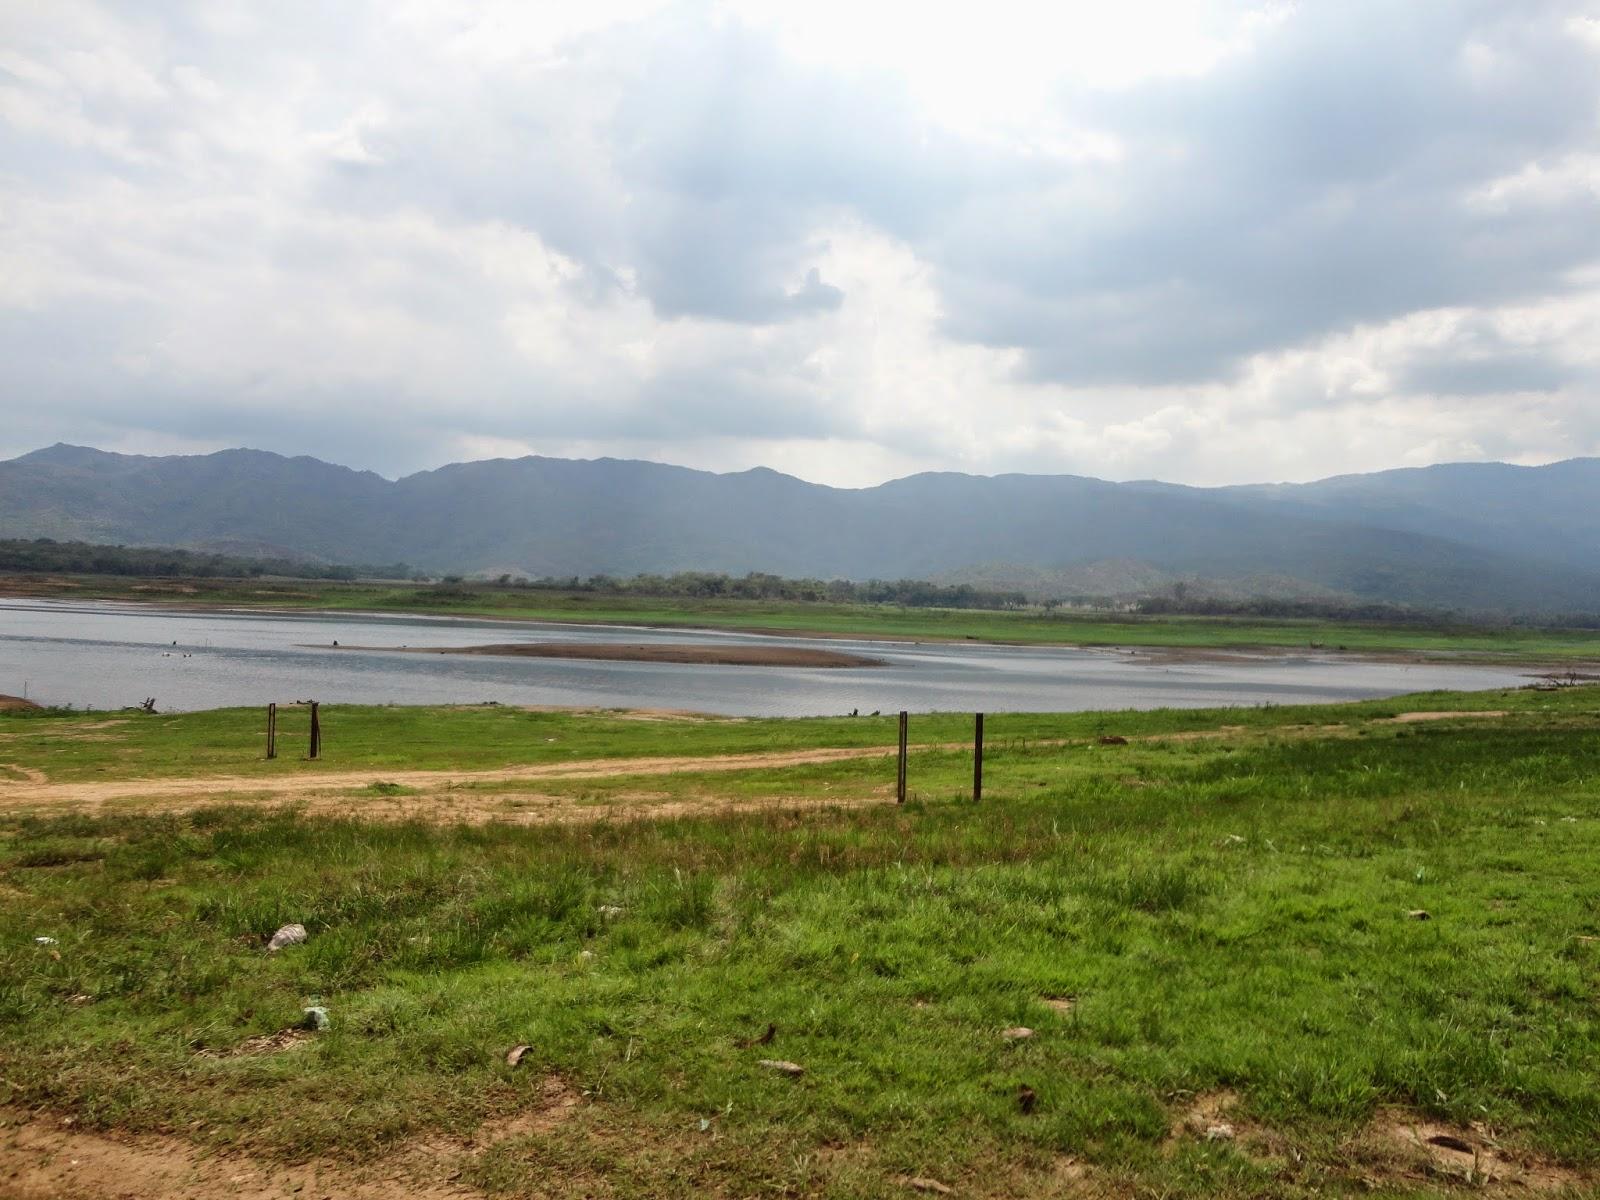 dique-guataparo-seco-debajo-5cm-extraccion-de-nivel-0-cota-501-15-msnm-13-de-mayo-2014